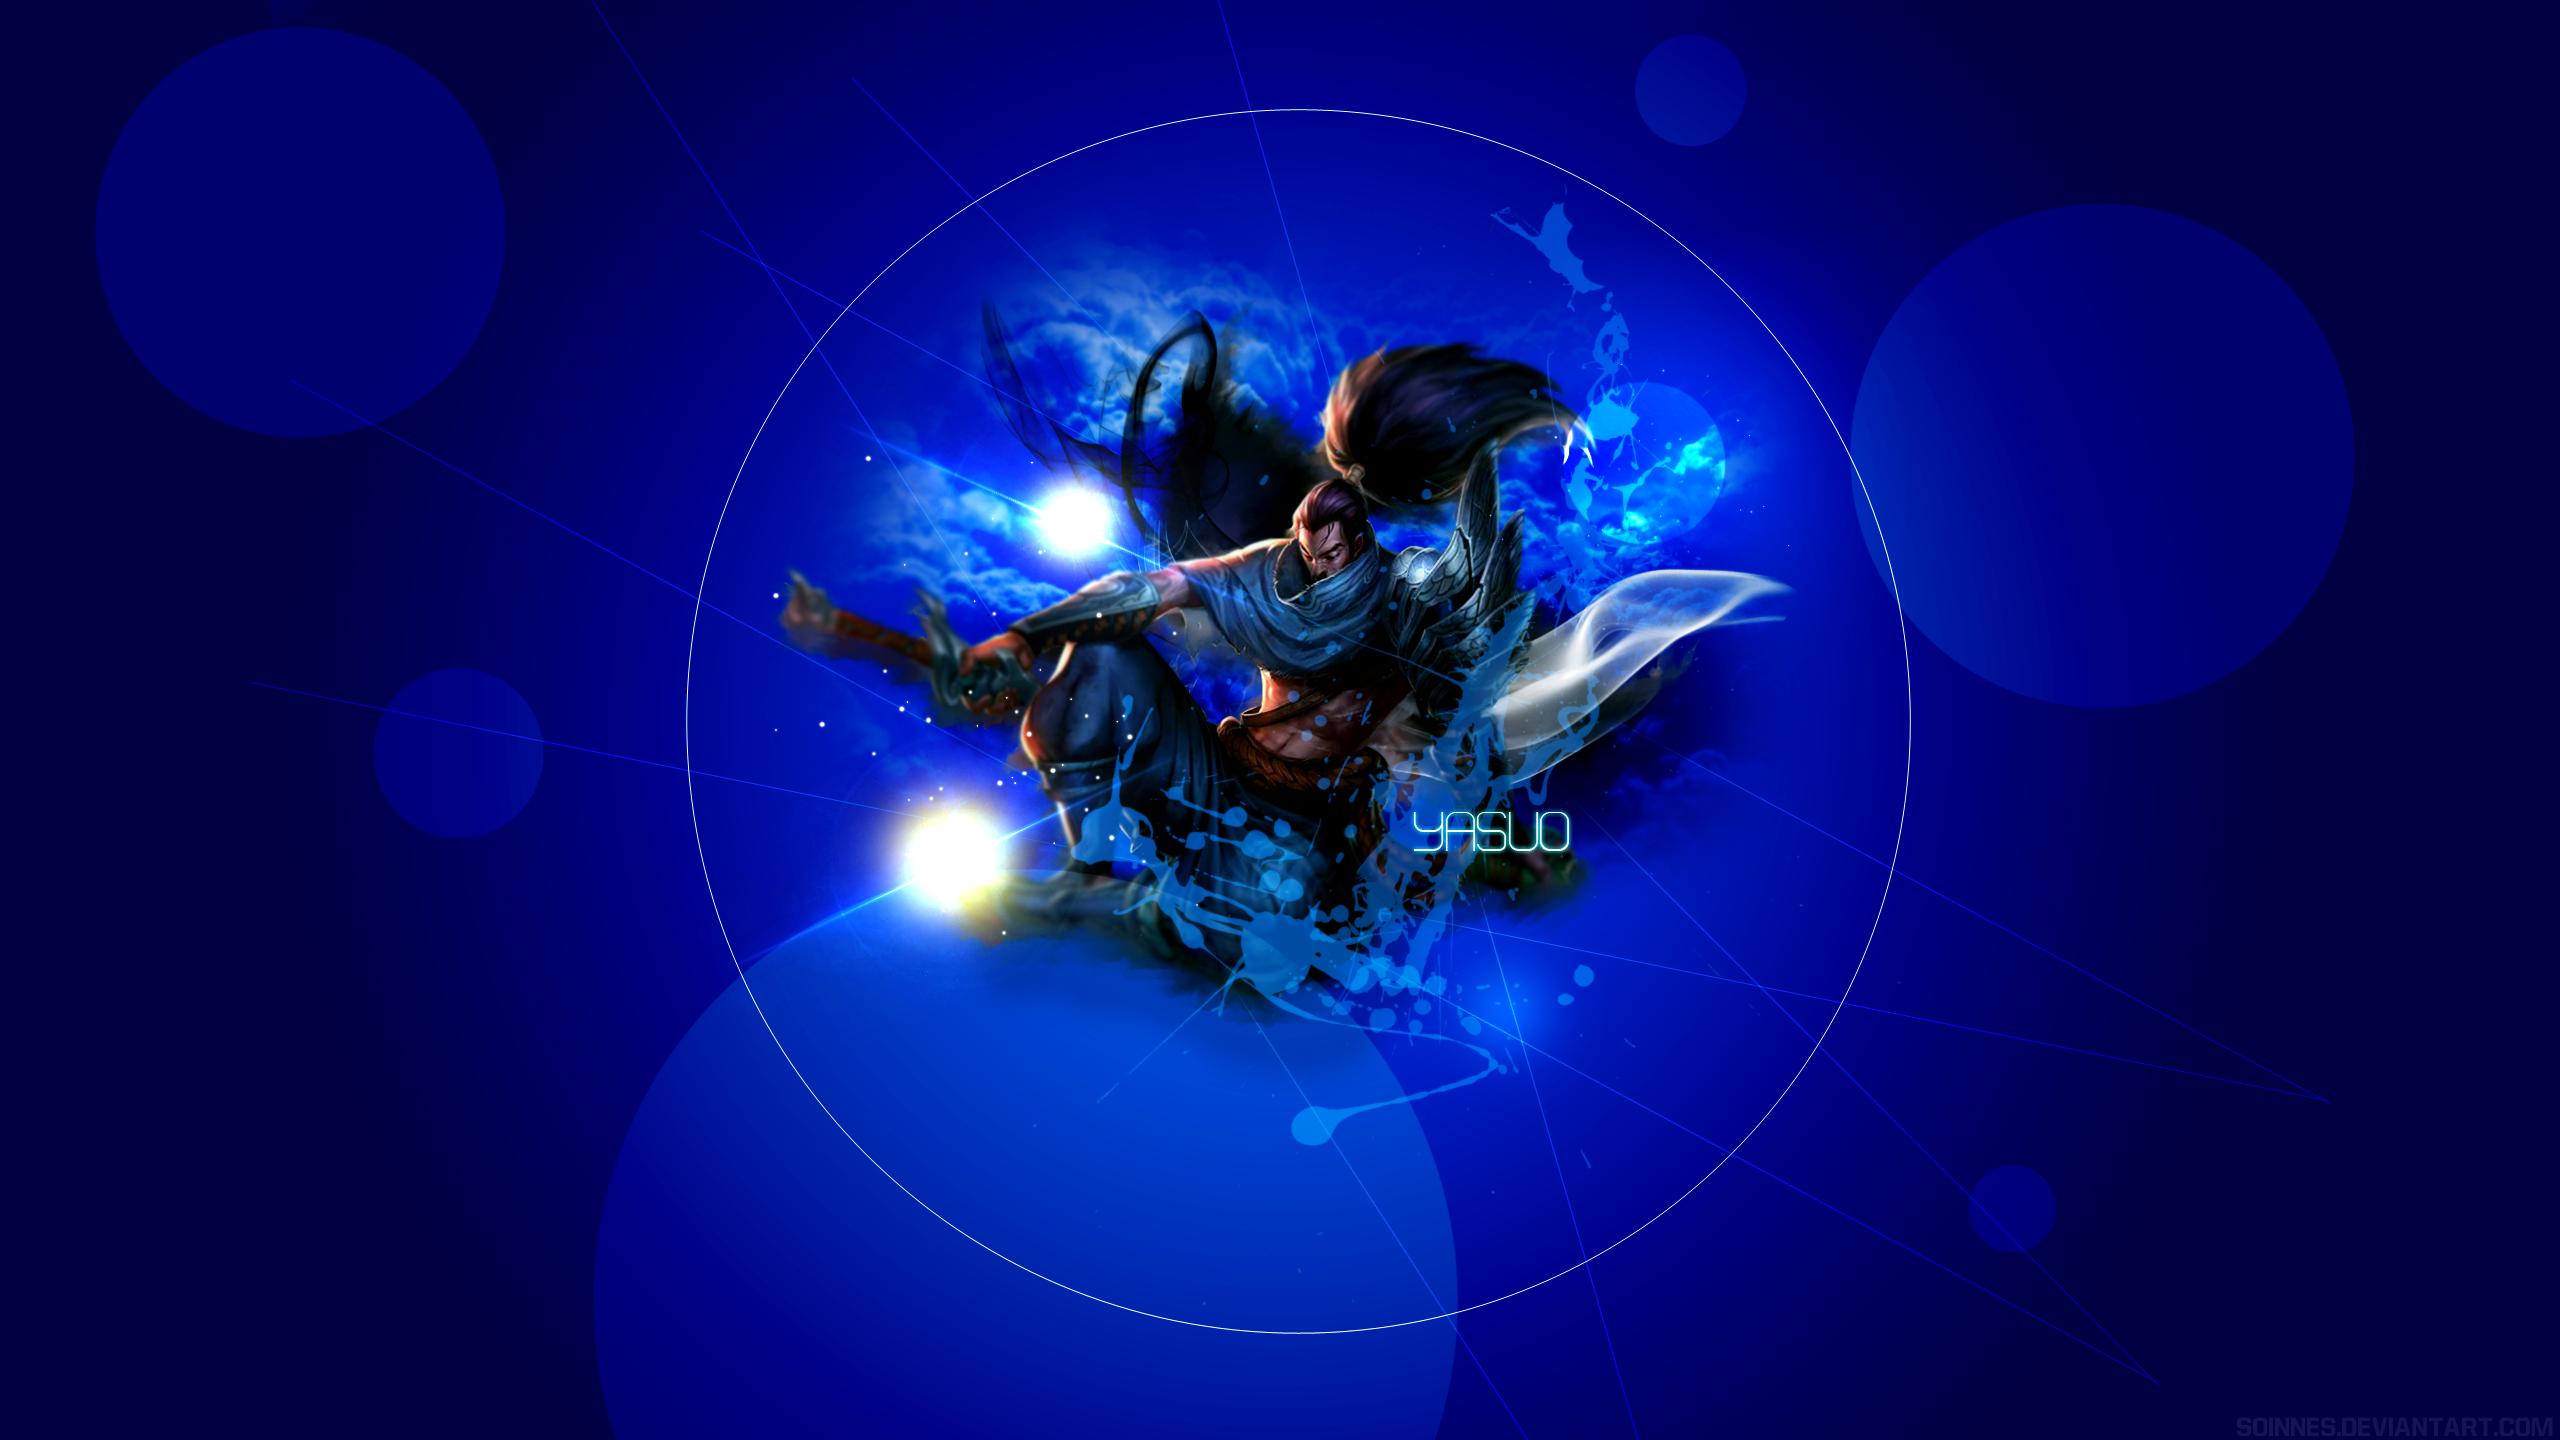 Yasuo Vs Riven Wallpaper Legends League Lol Art 1434844 2560x1440